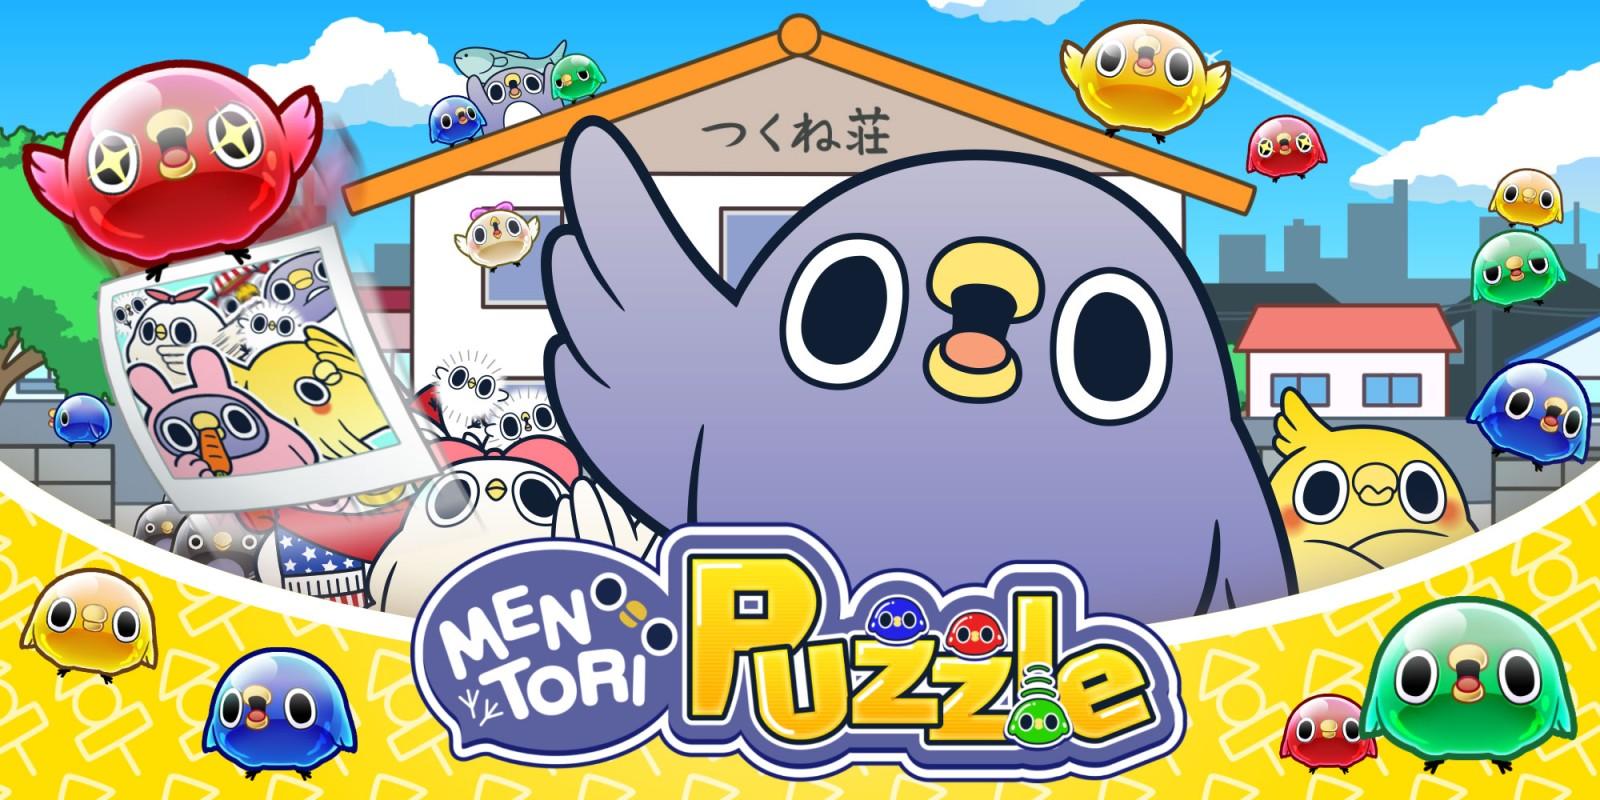 Mentori Puzzle Programas Descargables Nintendo Switch Juegos